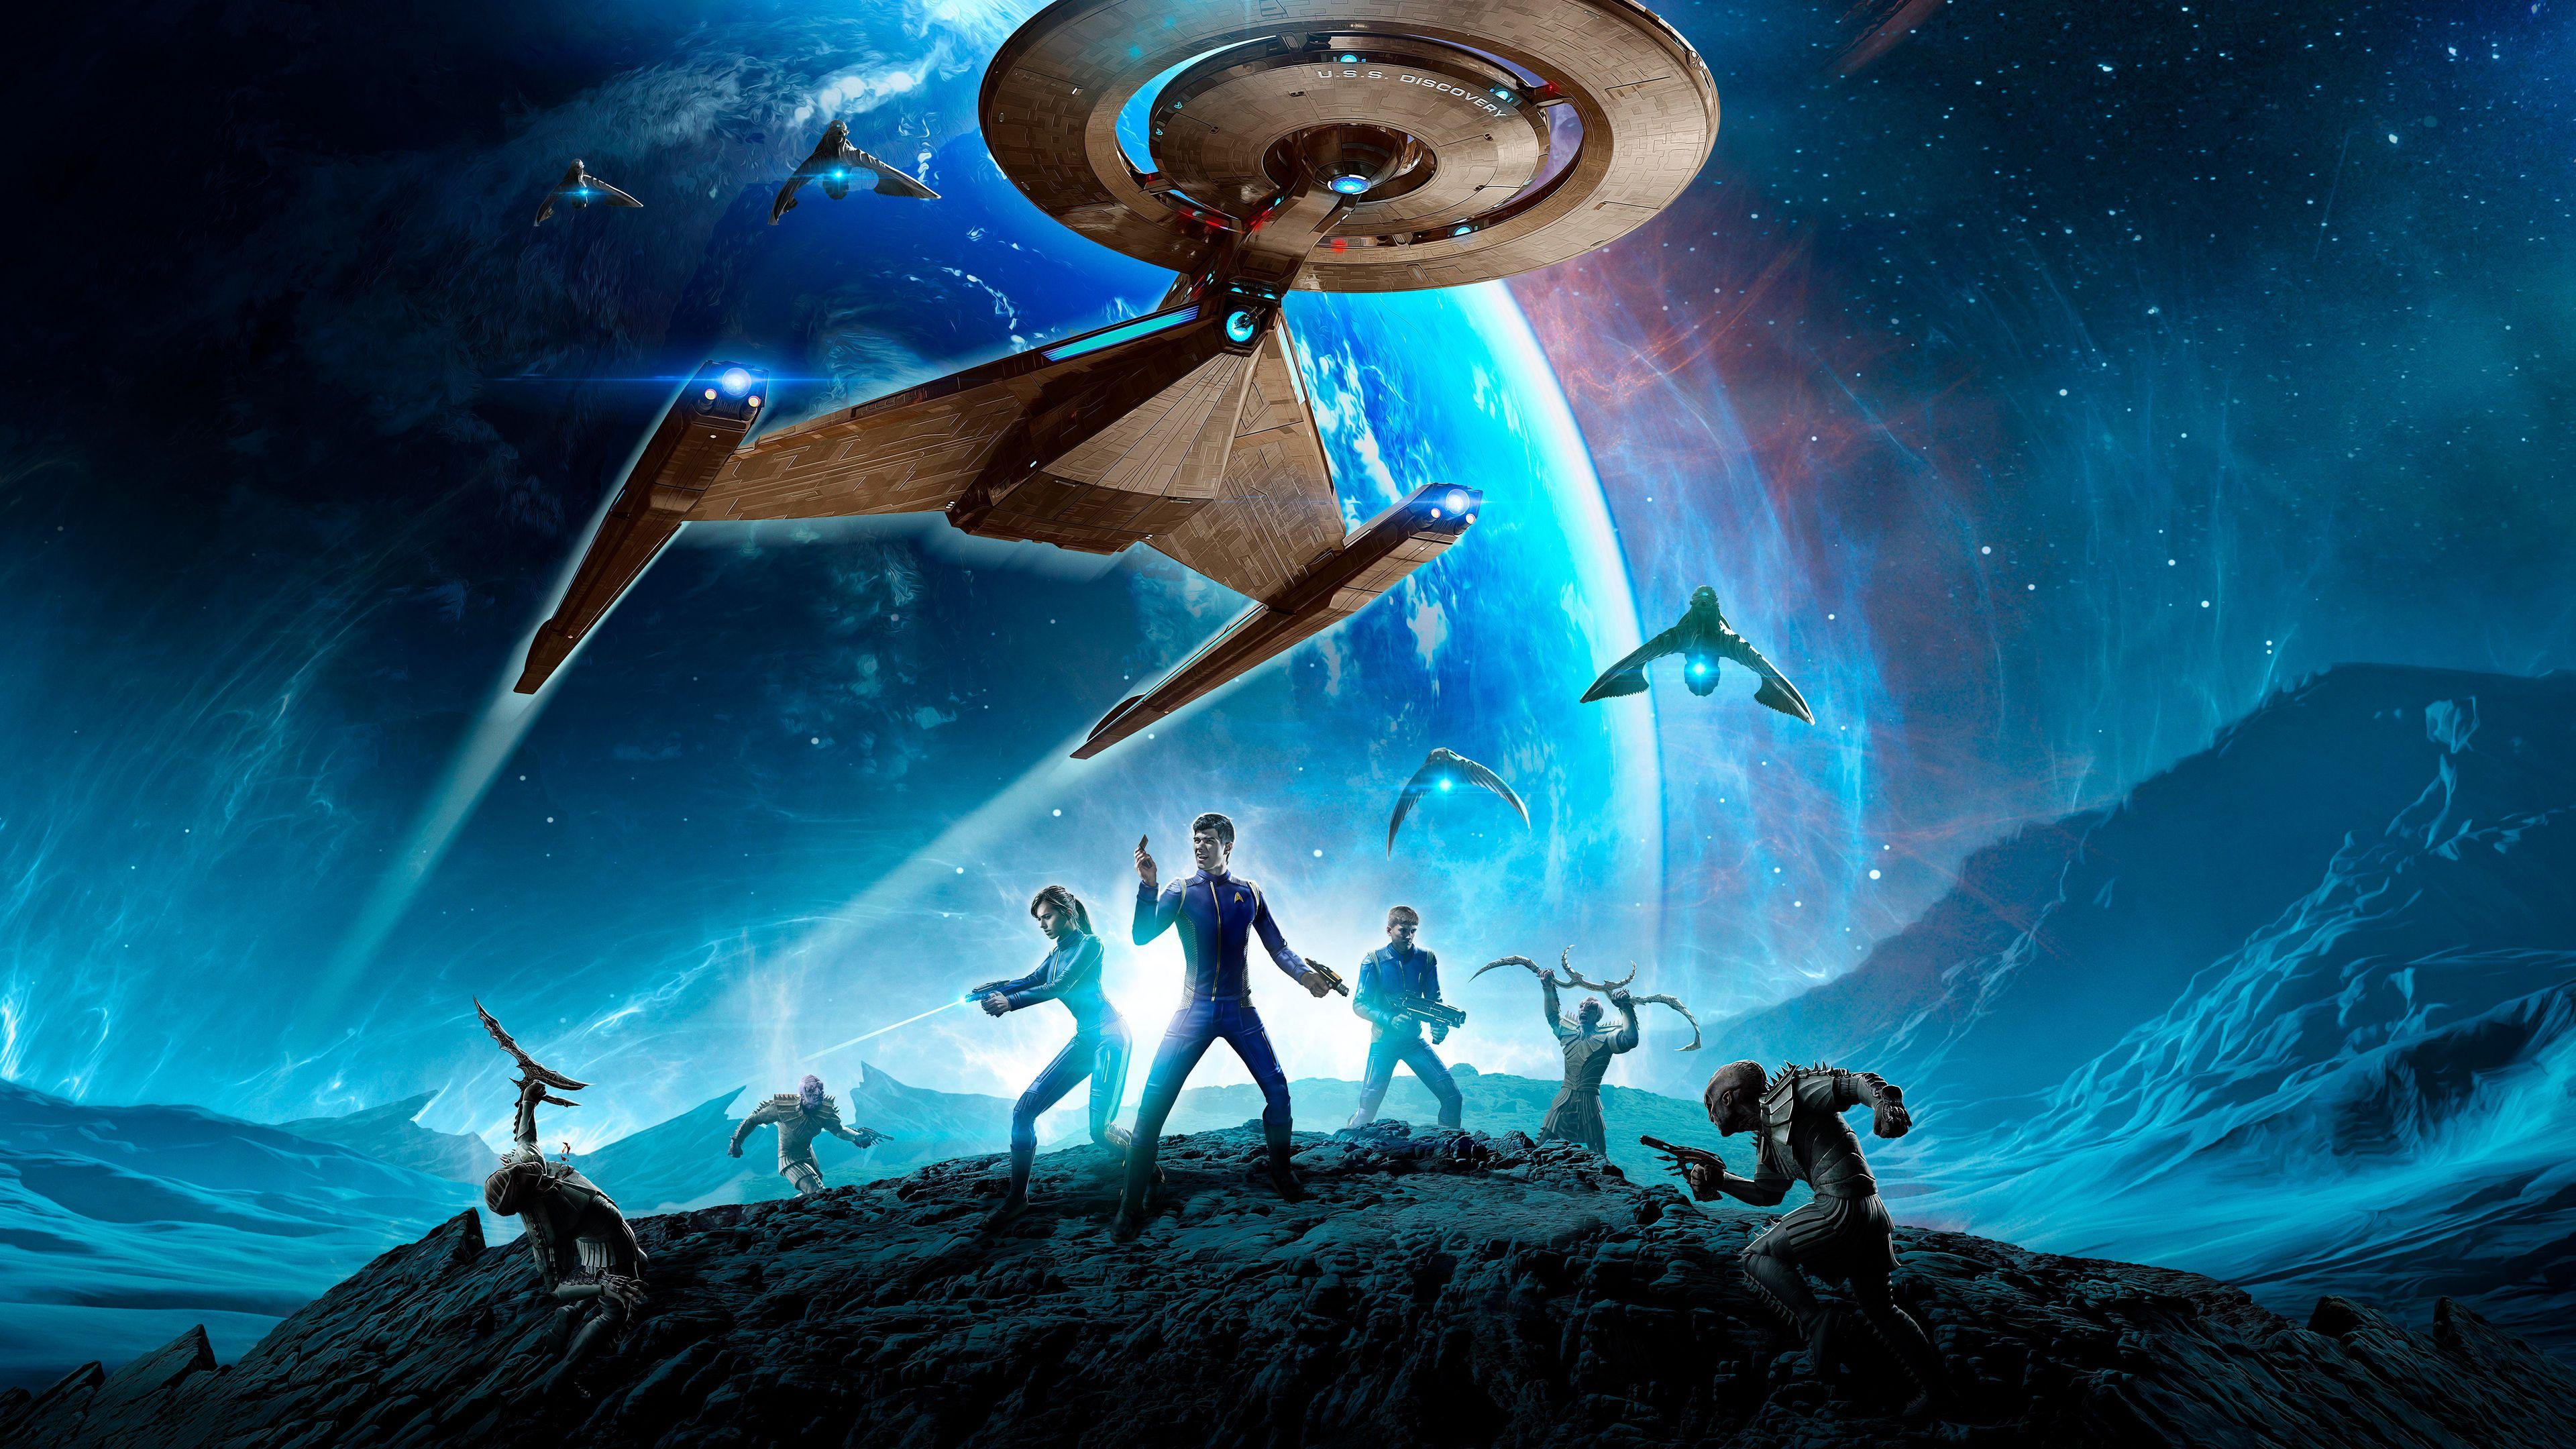 Wallpaper 4k Star Trek Online Video Game 4kwallpapers, 5k